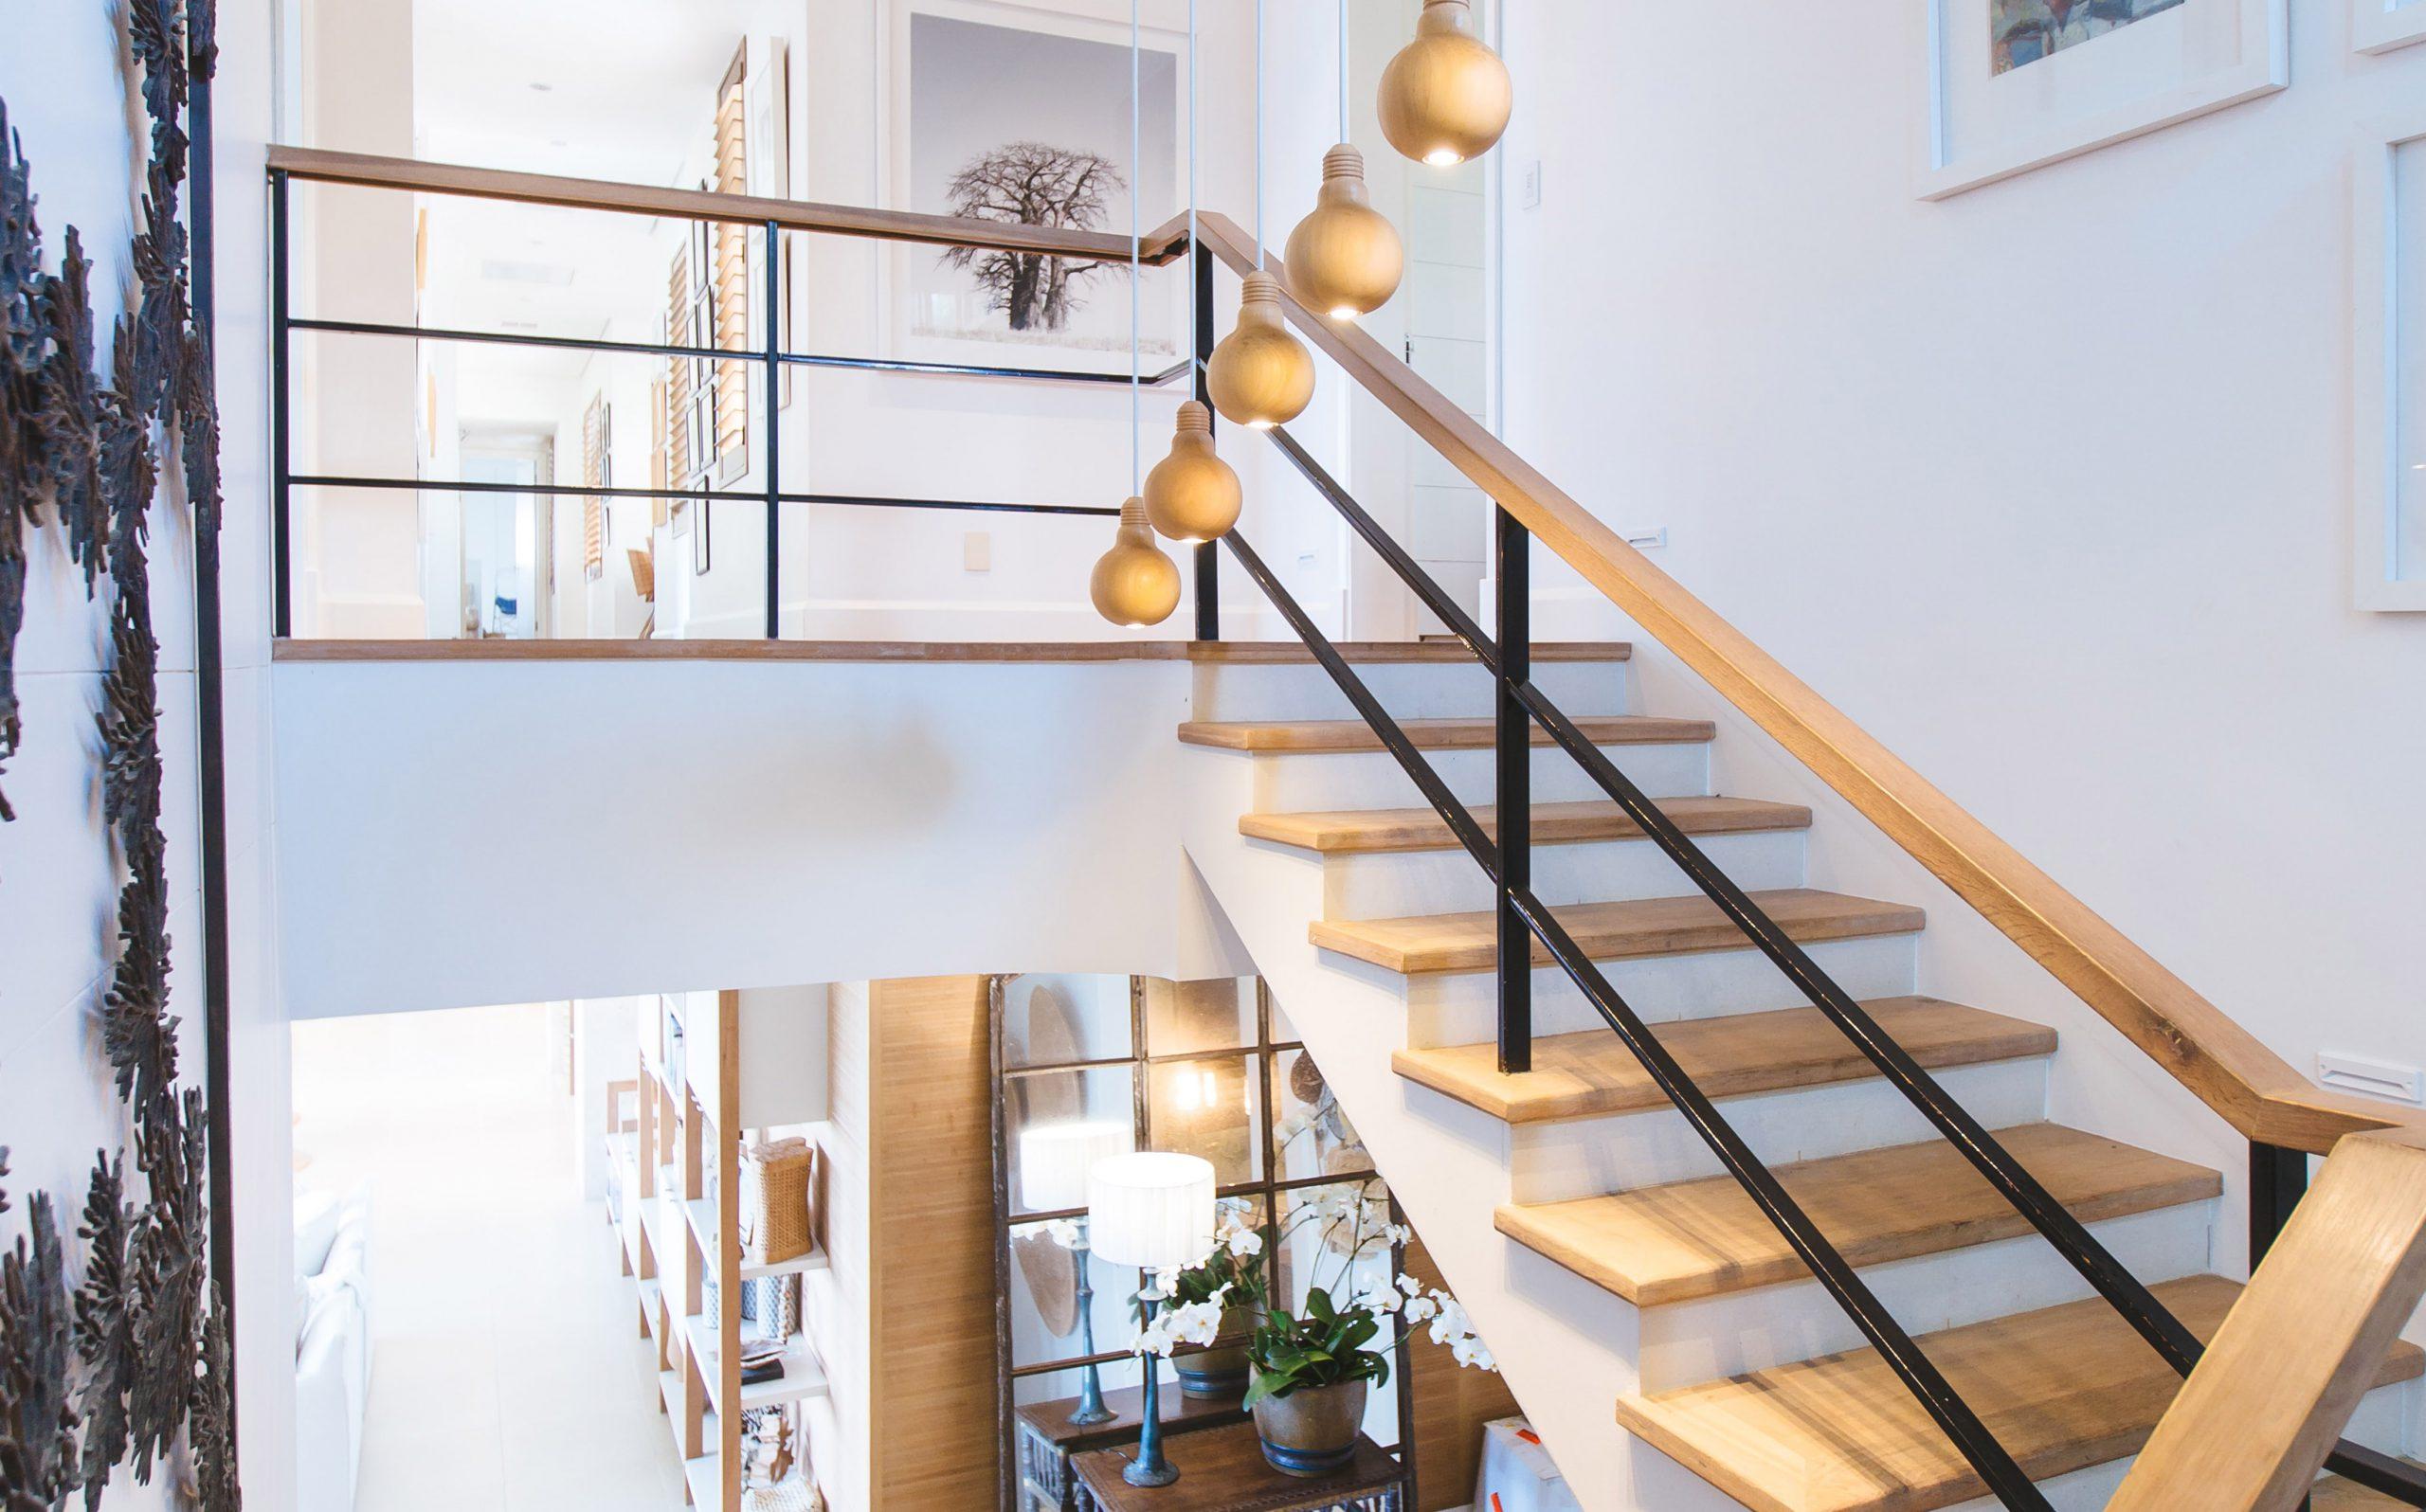 Escalier moderne intérieur